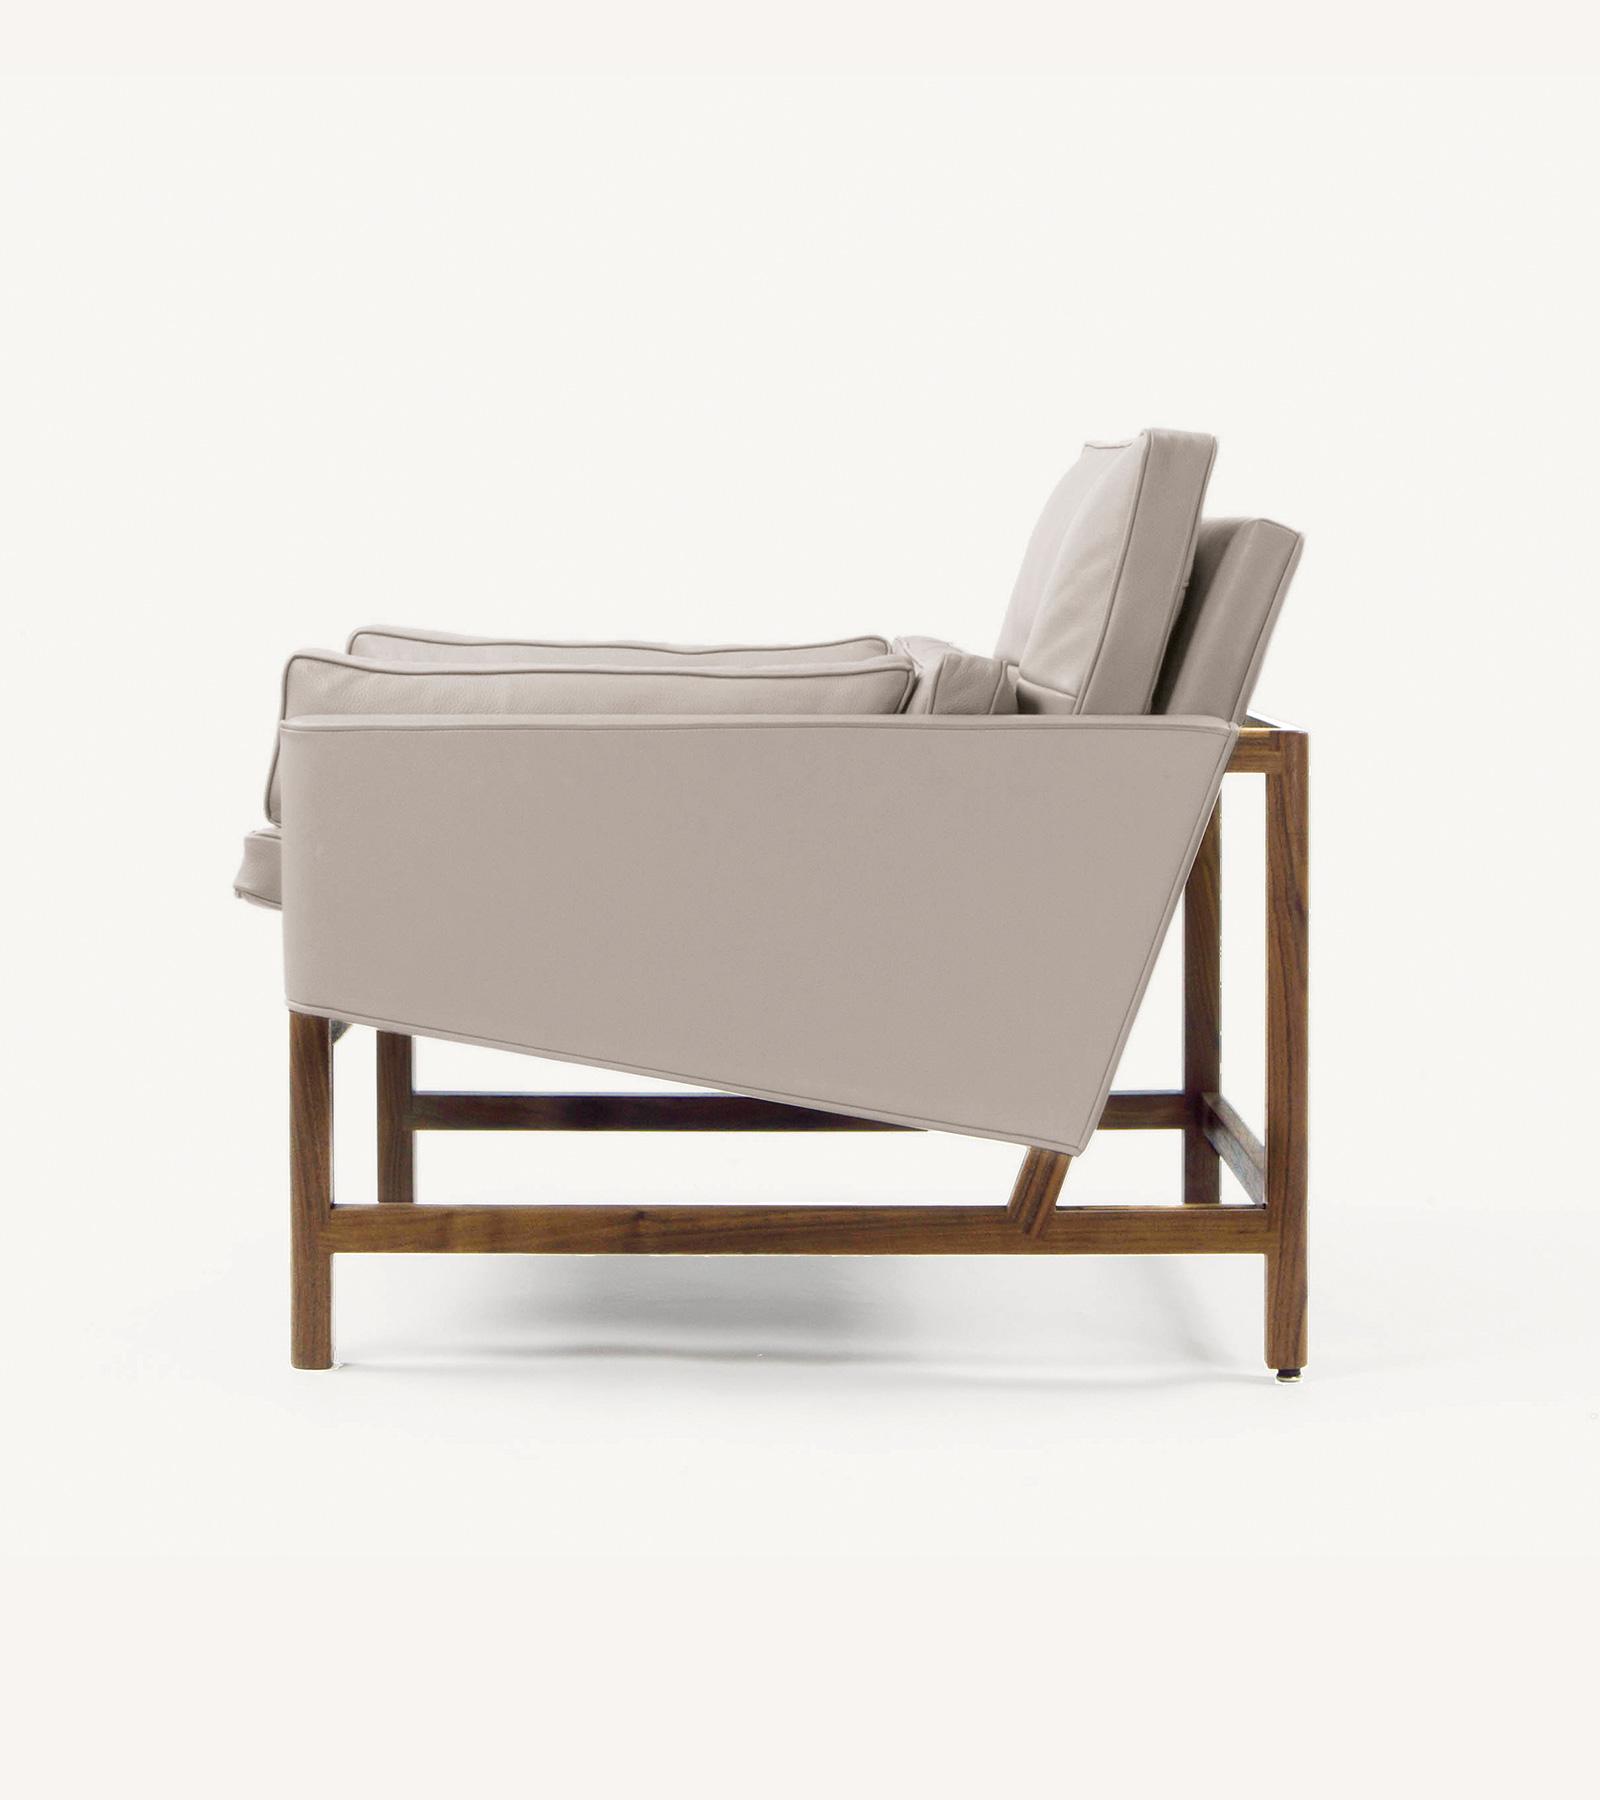 TinnappleMetz-bassamfellows-Wood-Frame-Lounge-Chair-01